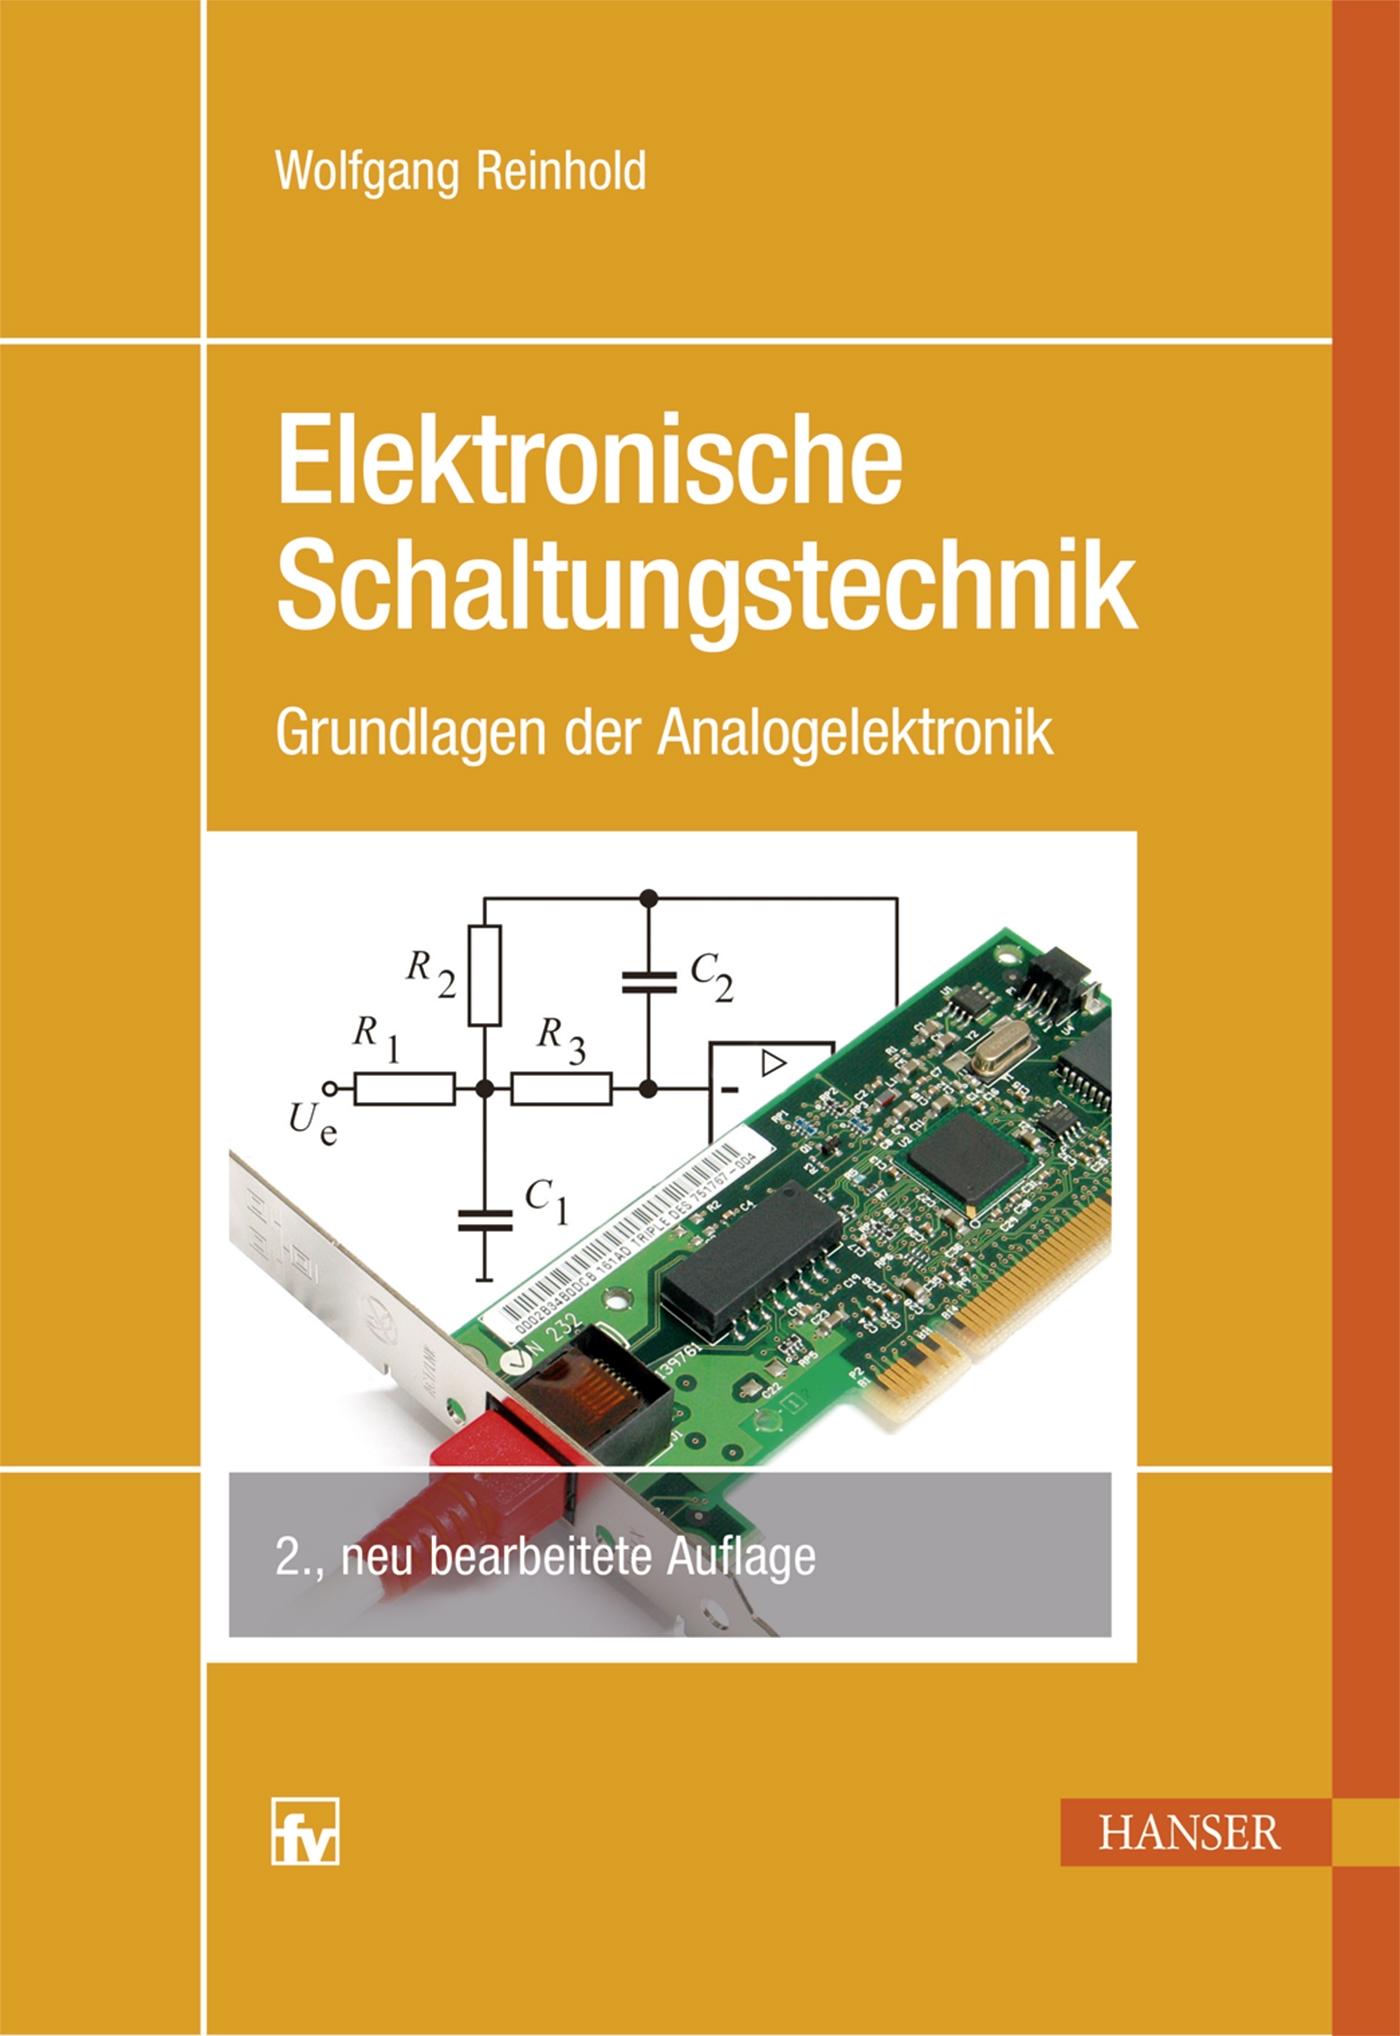 Elektronische Schaltungstechnik - Hanser Fachbuch